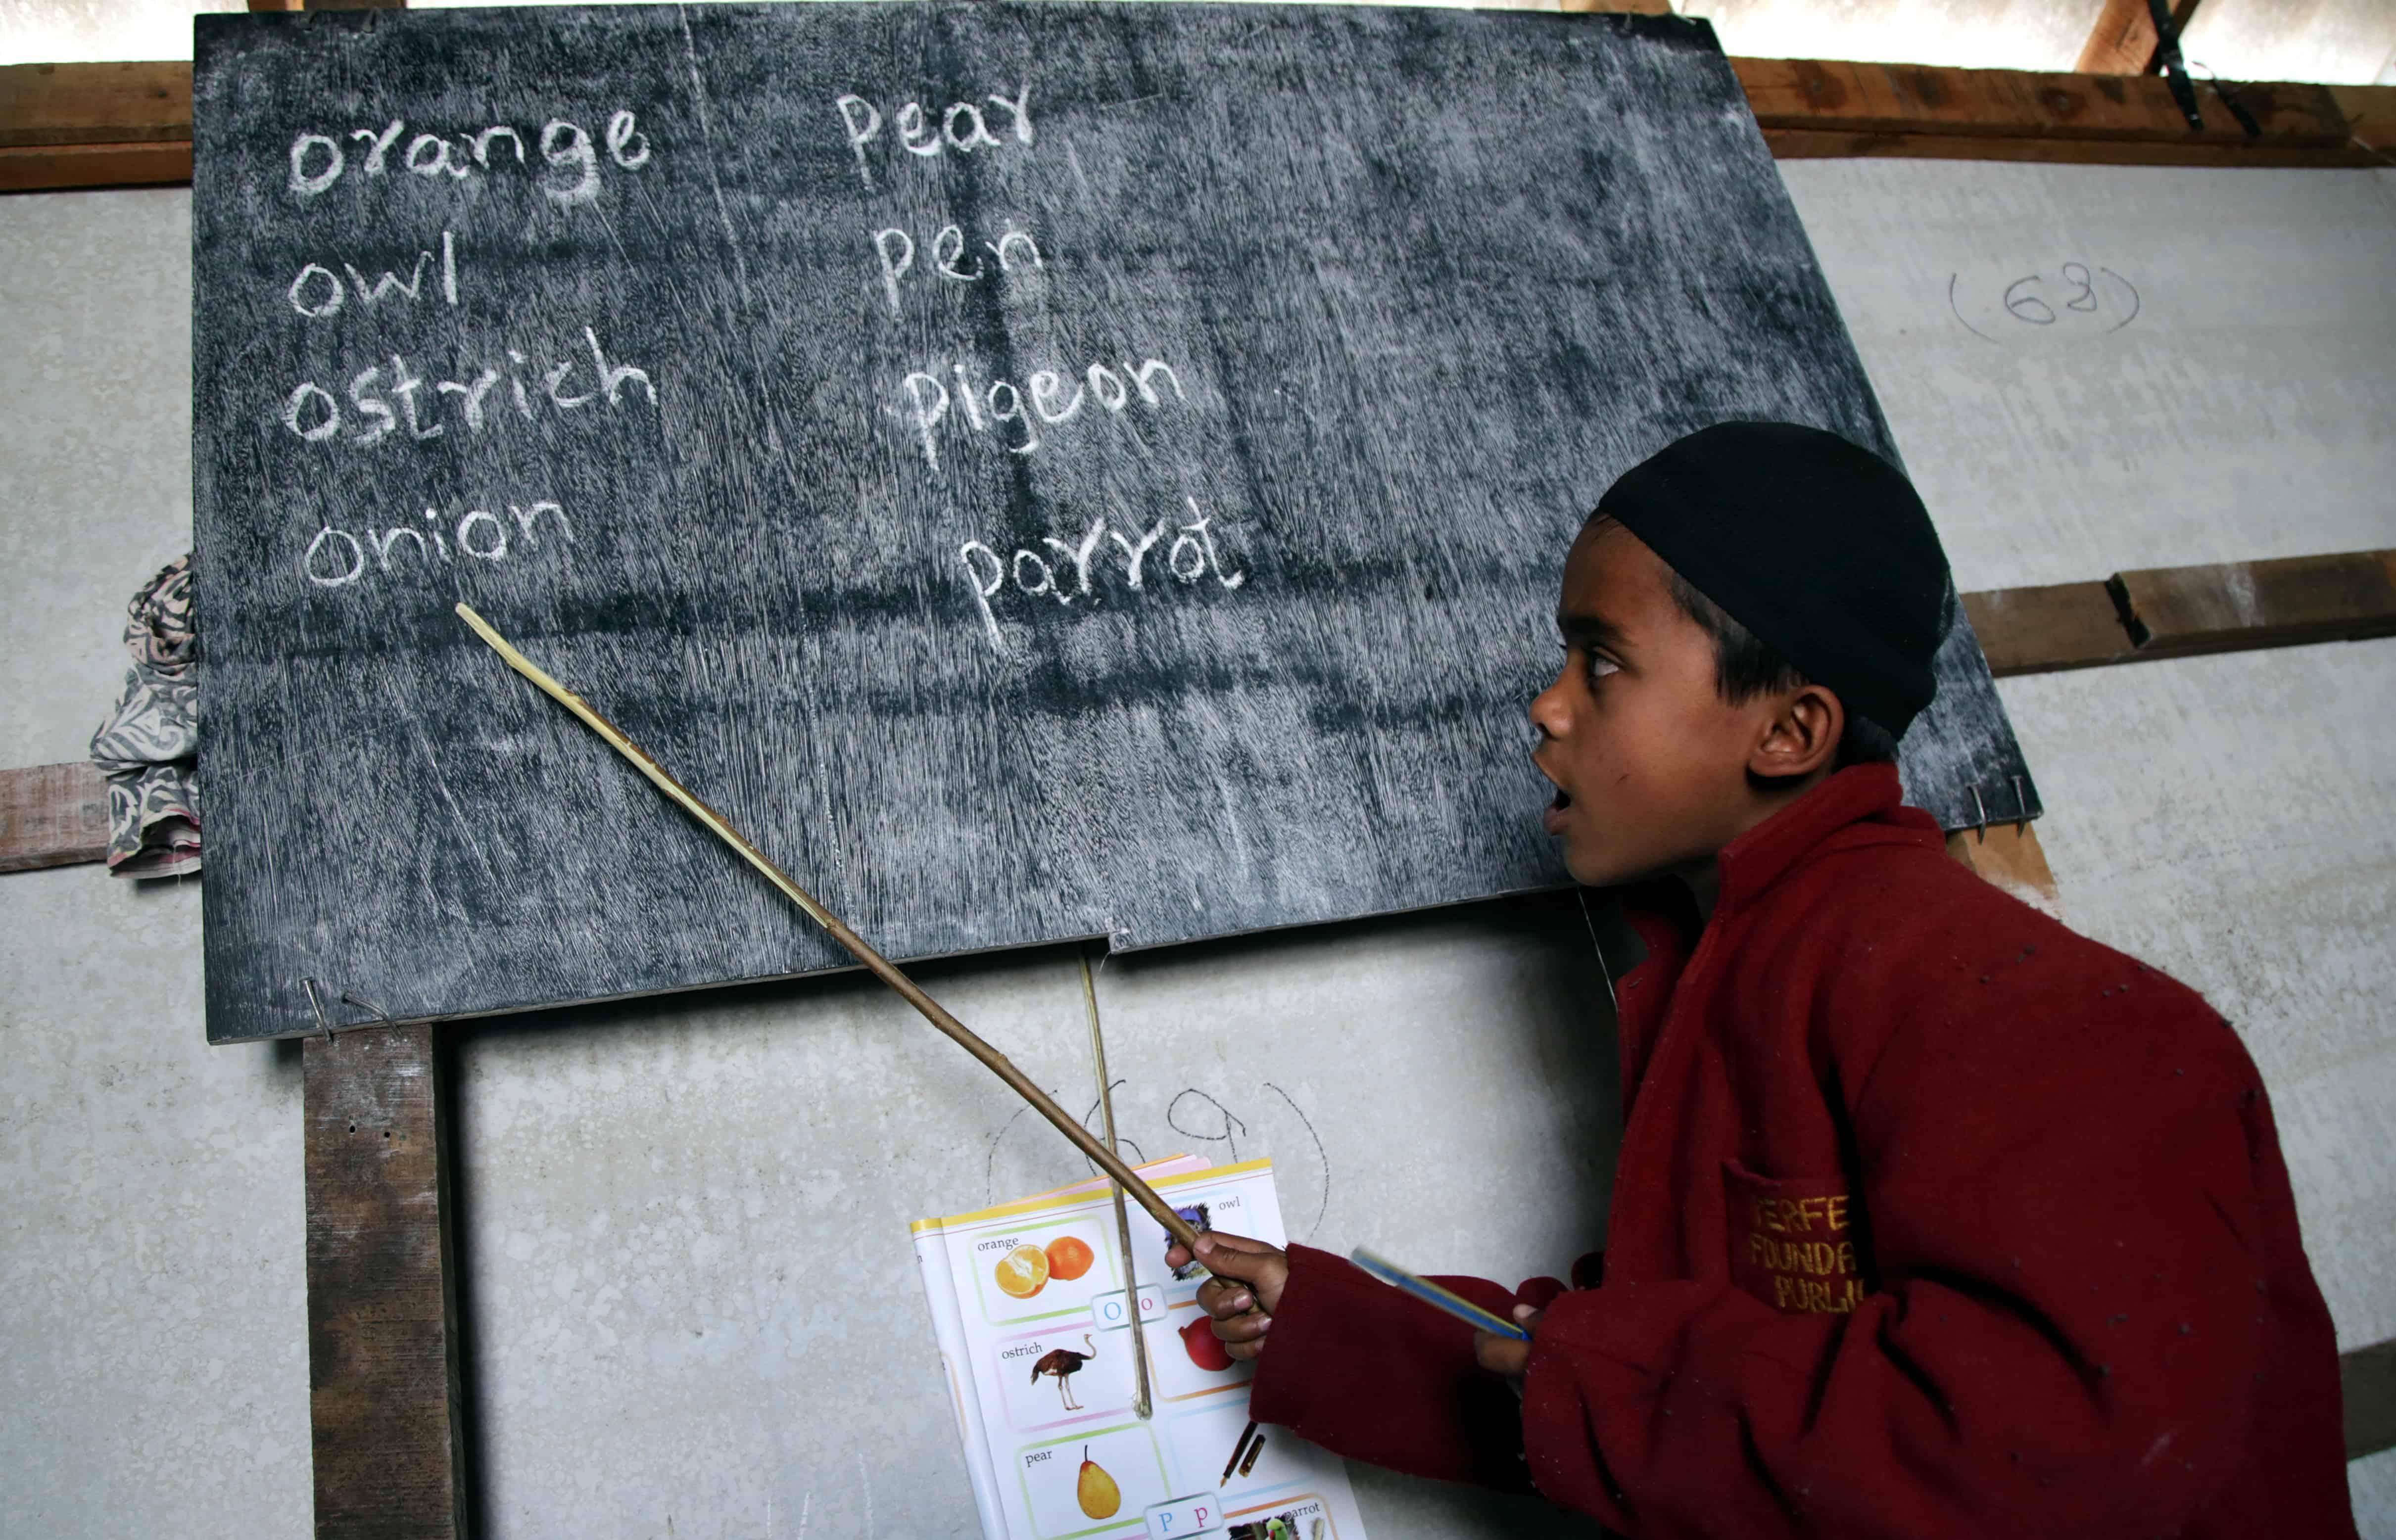 Un enfant pointe avec un bâton sur une pancarte avec des mots anglais.